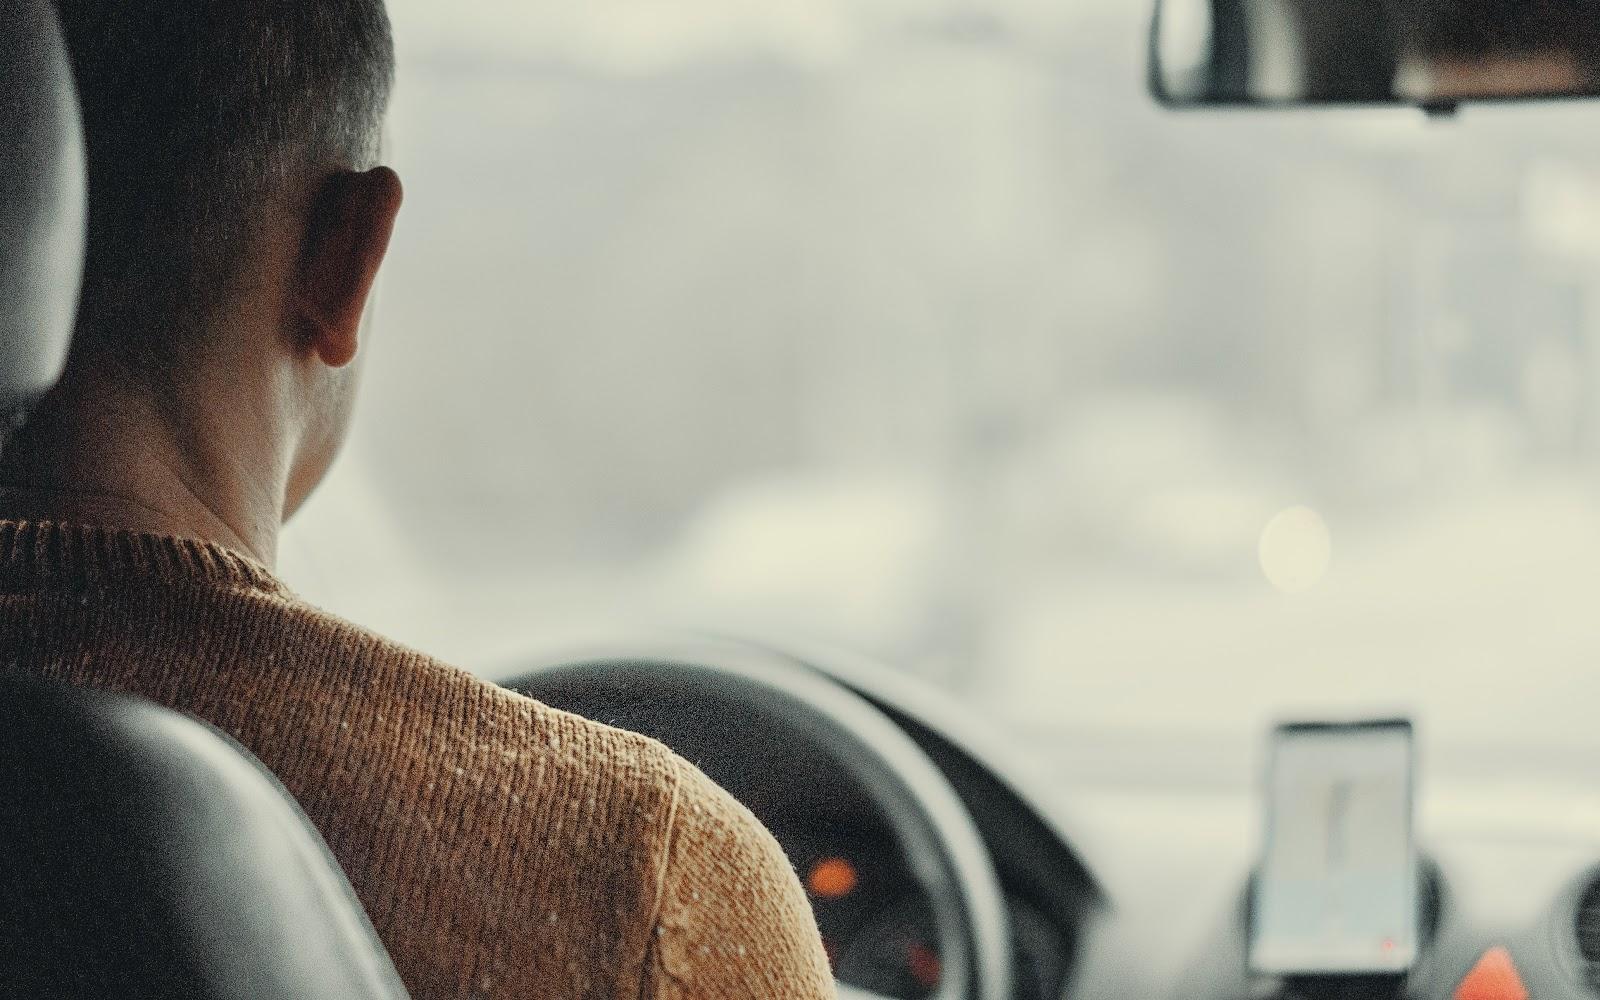 Motorista dentro do carro em um dos tipos de uber.